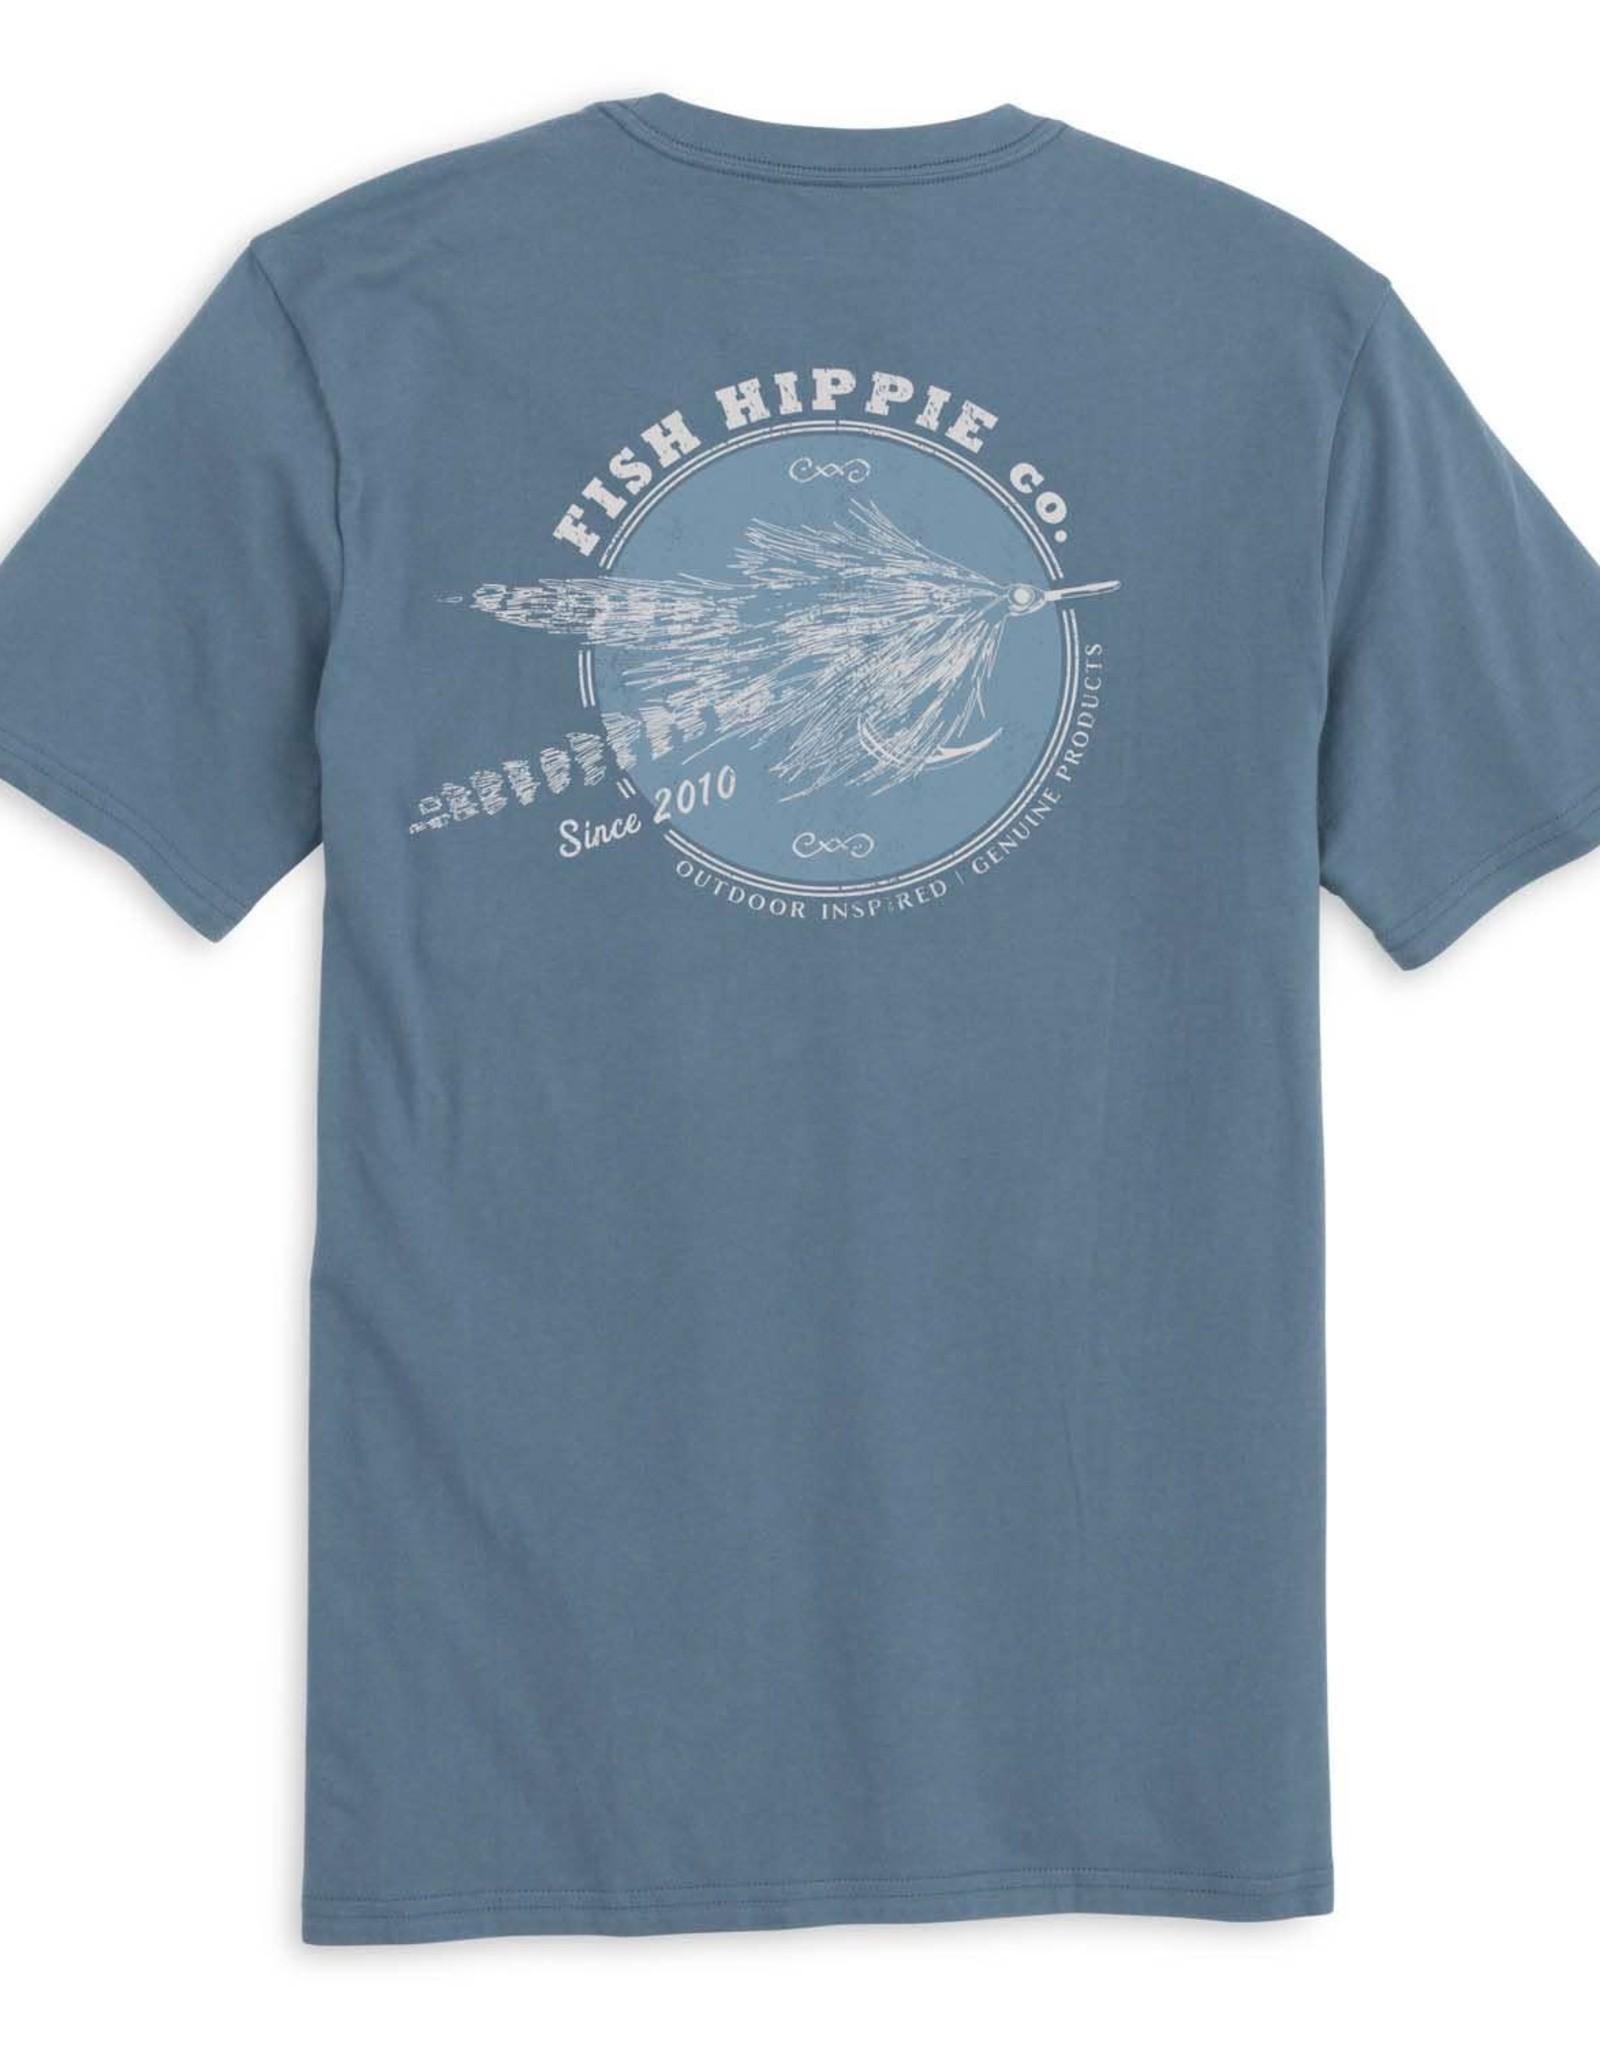 Fish Hippie Tarpon Fly S/S Tee